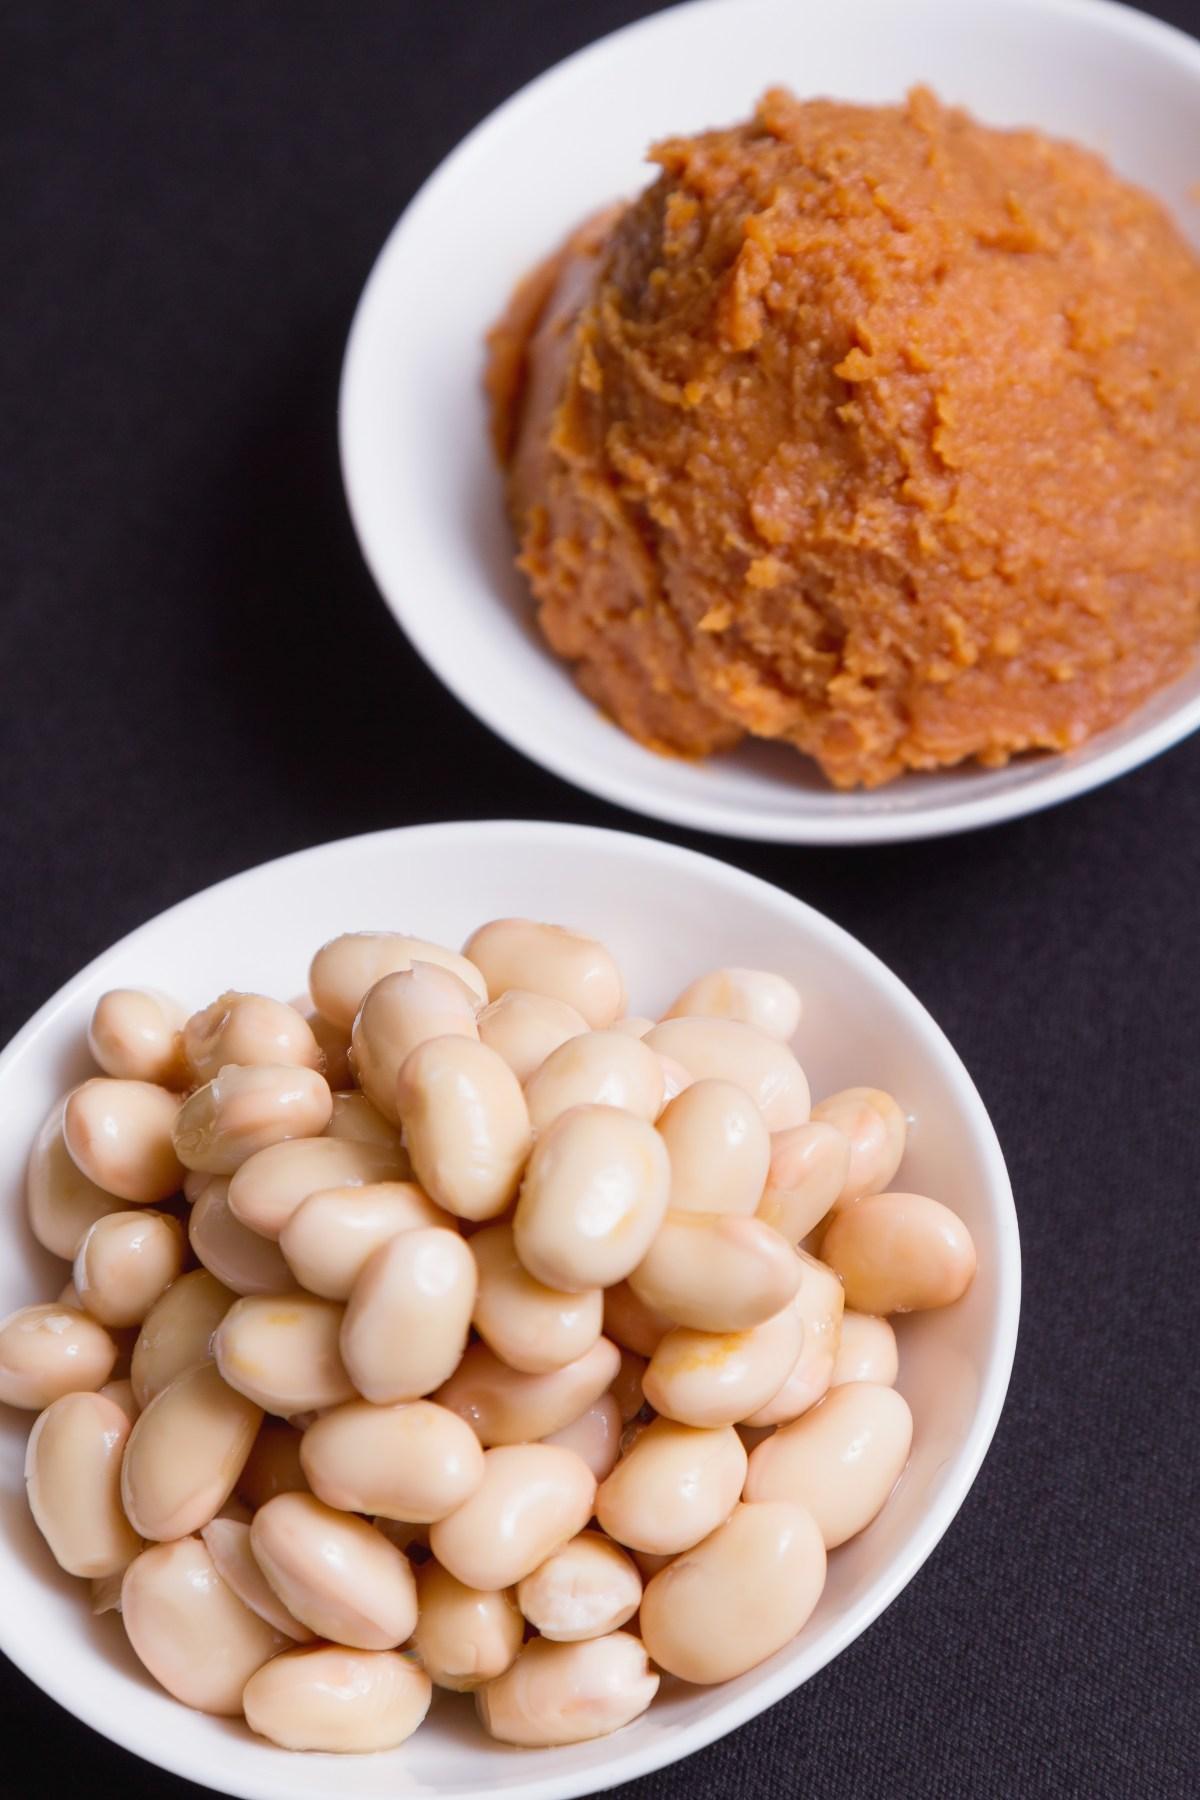 美容に嬉しい『大豆とイソフラボン』【栄養士免許を持つ現役美容師】が教える美容に良い食べ物と栄養素✨国分寺 美容室 LAND